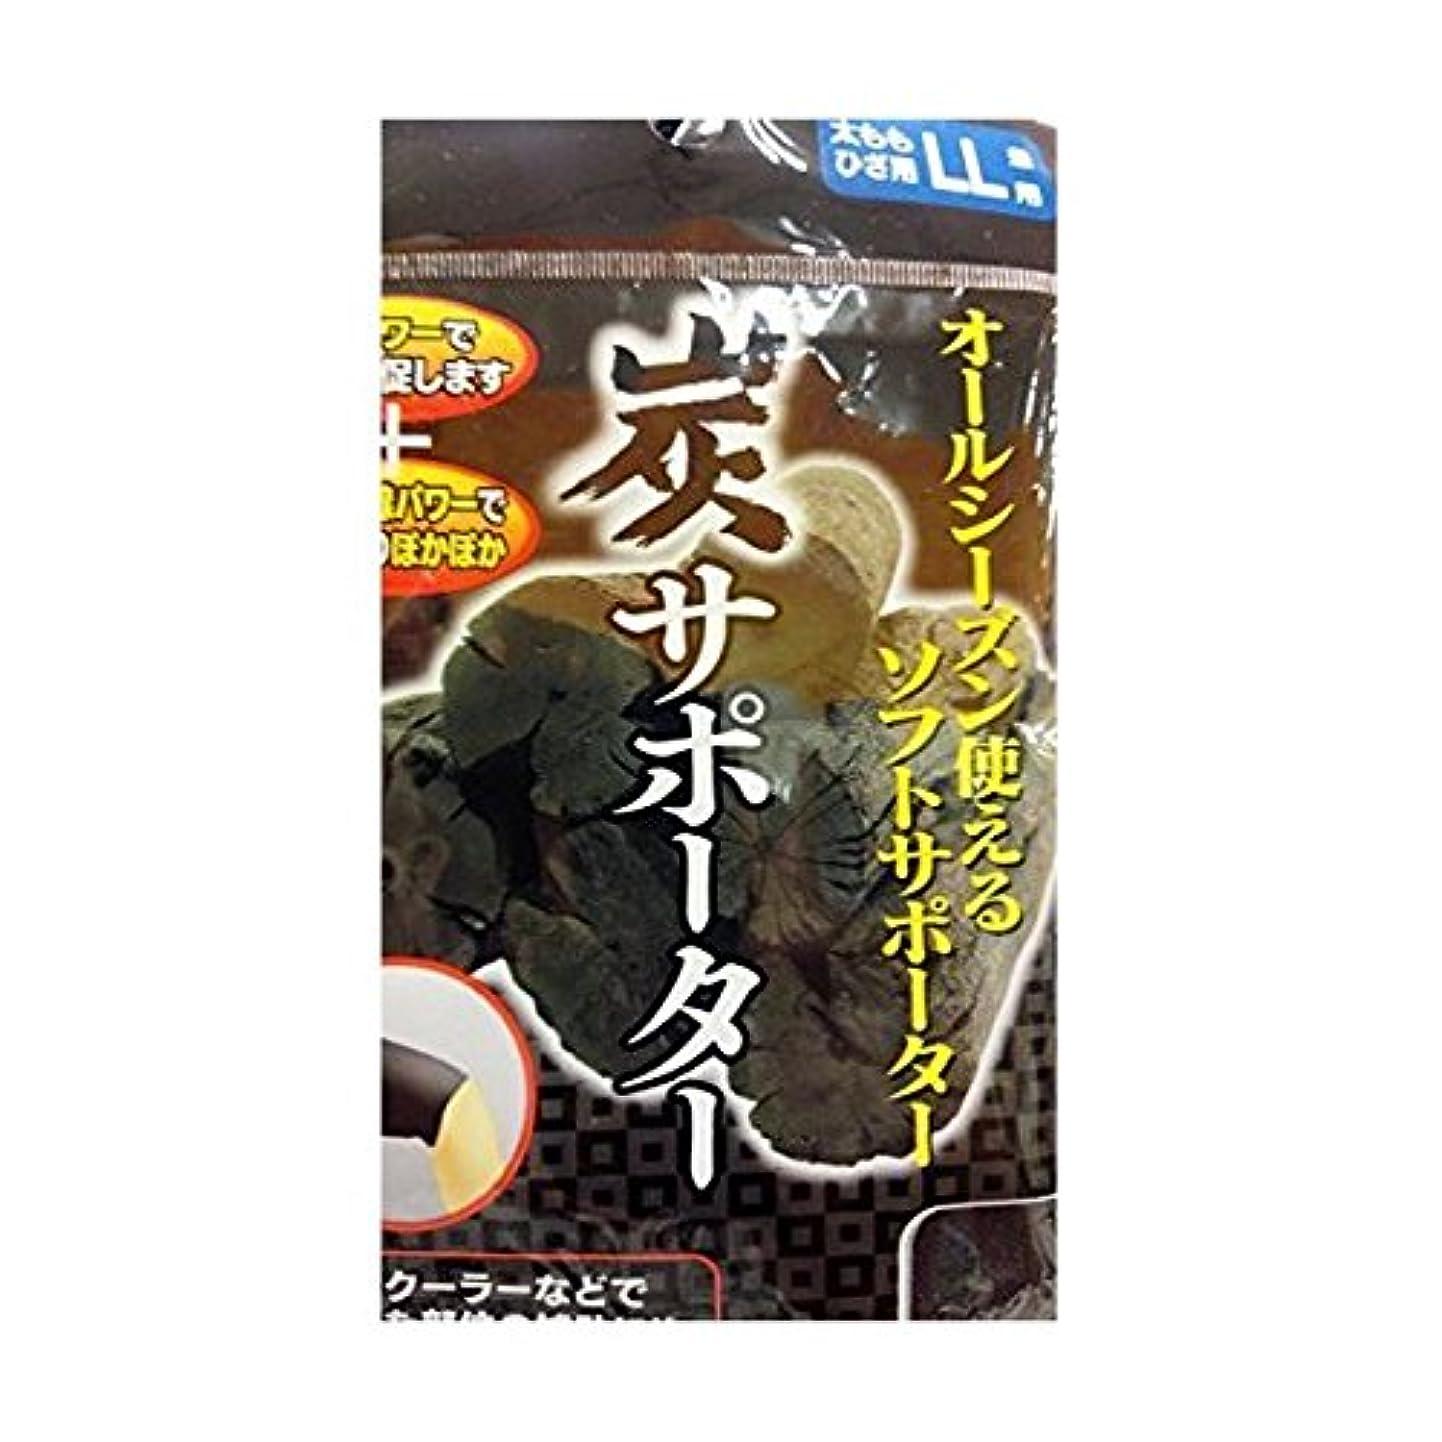 ローズ葉巻同志炭サポーター(太もも/ひざ用LL兼用) [12個セット] 41-182